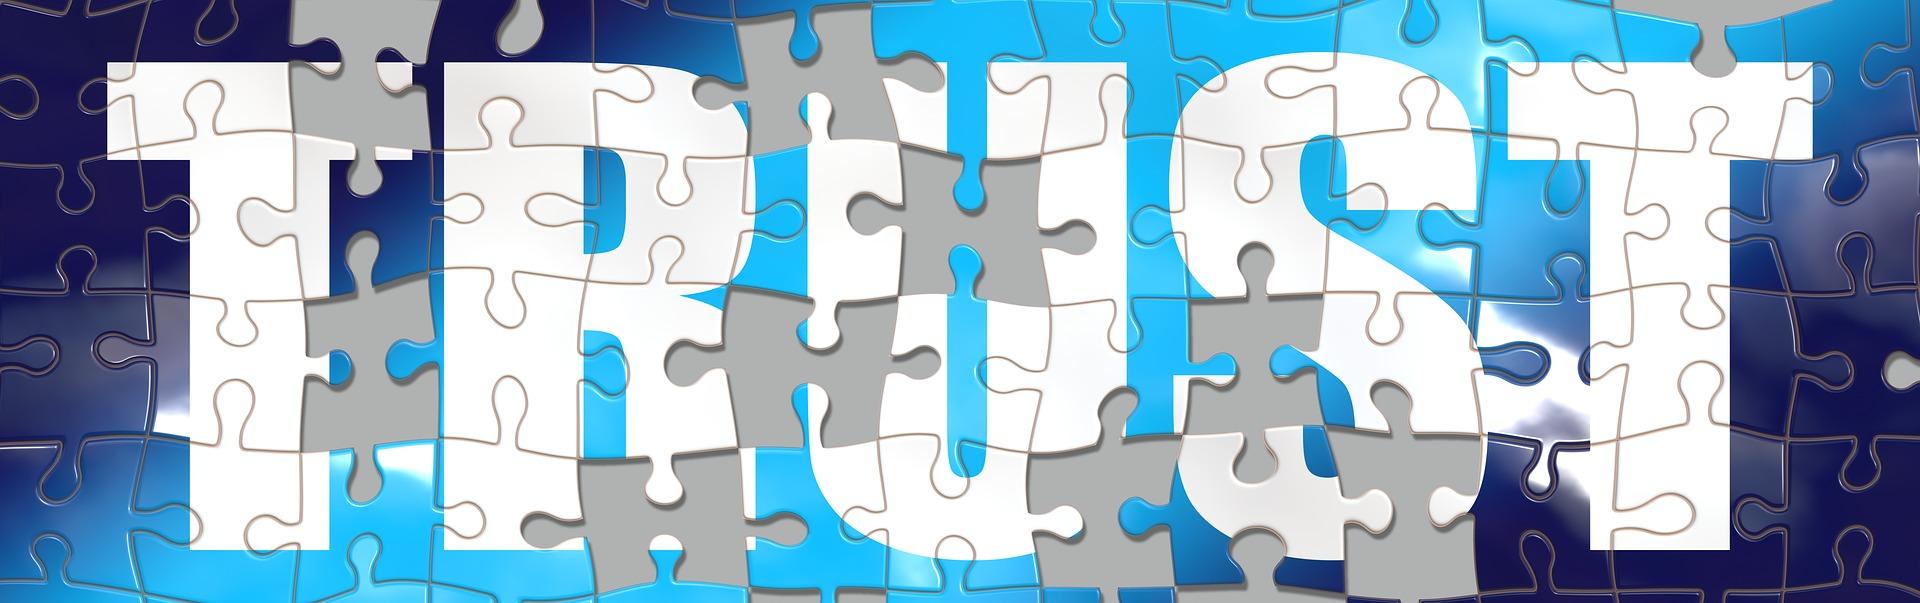 puzzle-2515123_1920